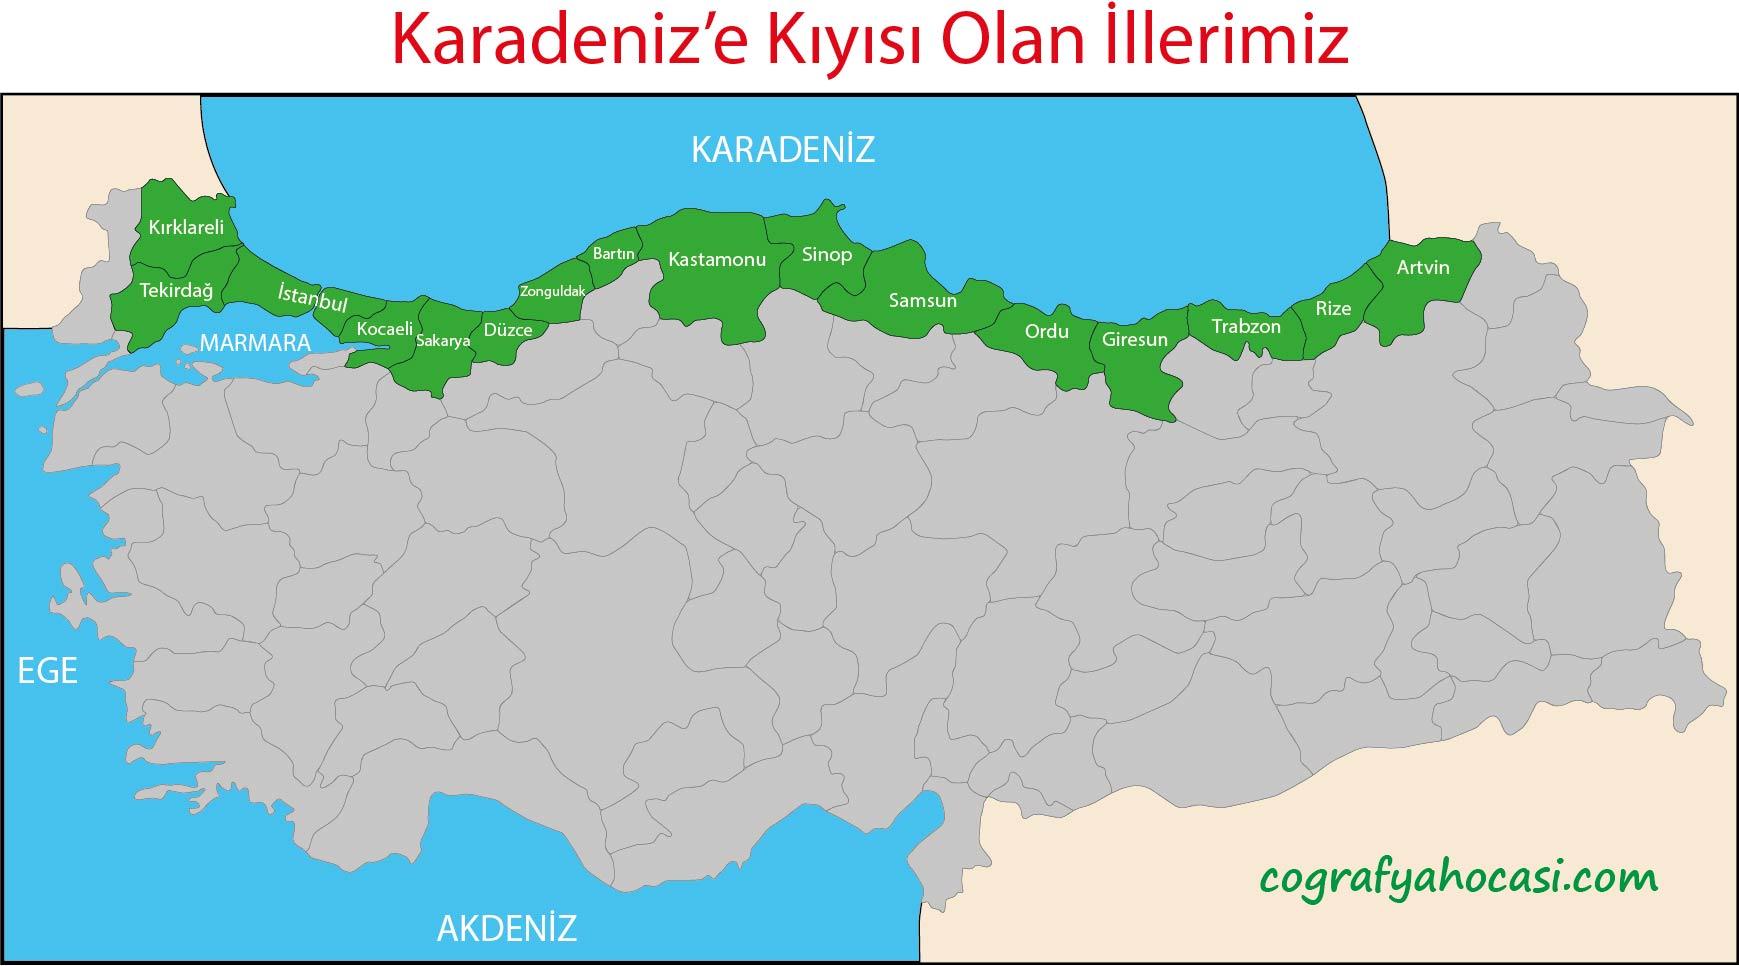 Karadeniz'e Kıyısı Olan İllerimiz